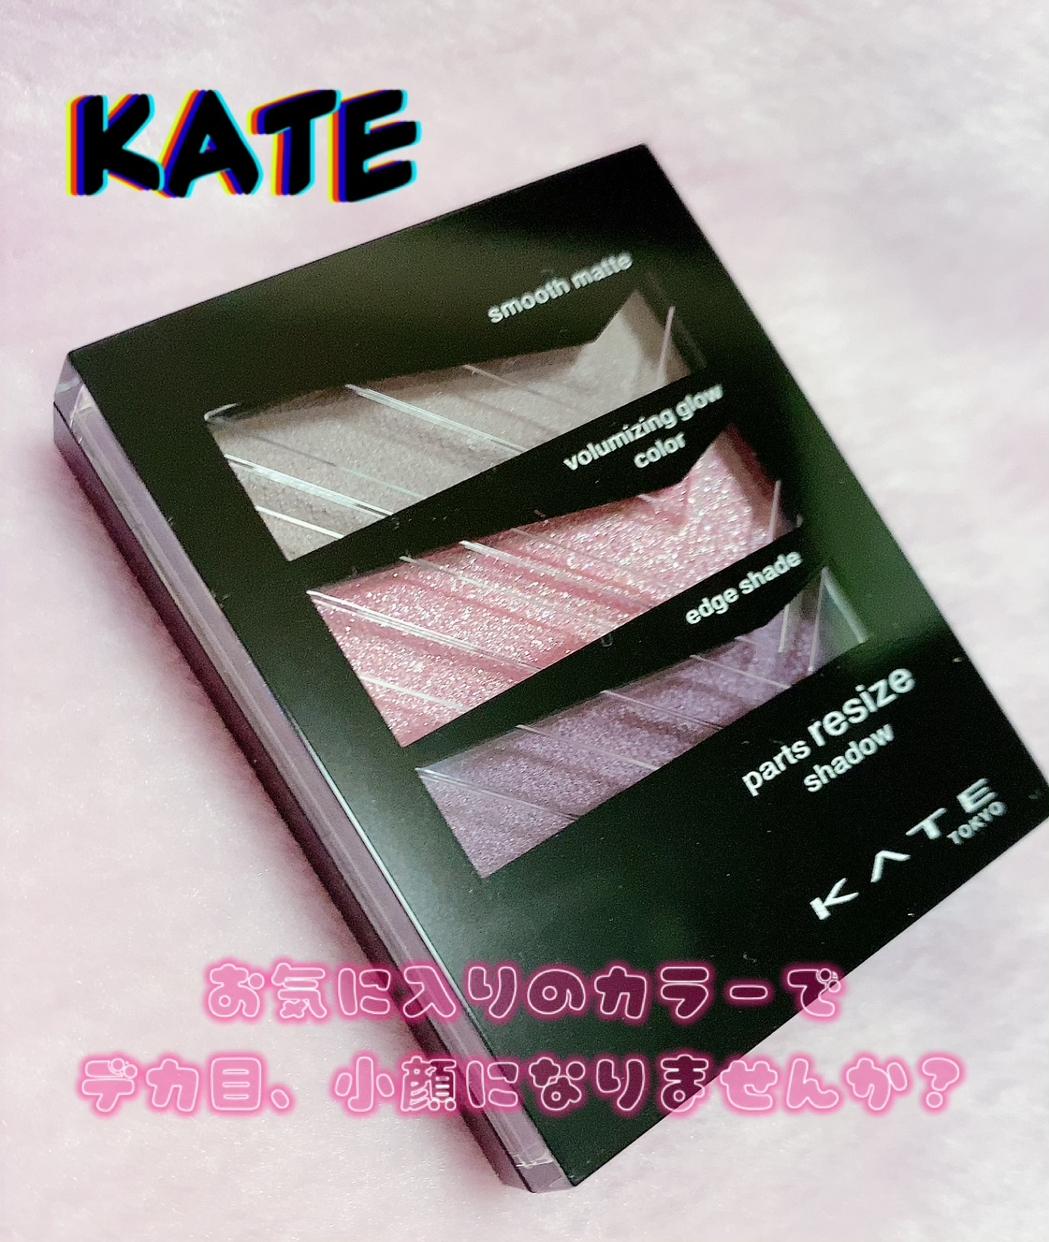 KATE(ケイト) パーツリサイズシャドウを使った珈琲豆♡さんのクチコミ画像